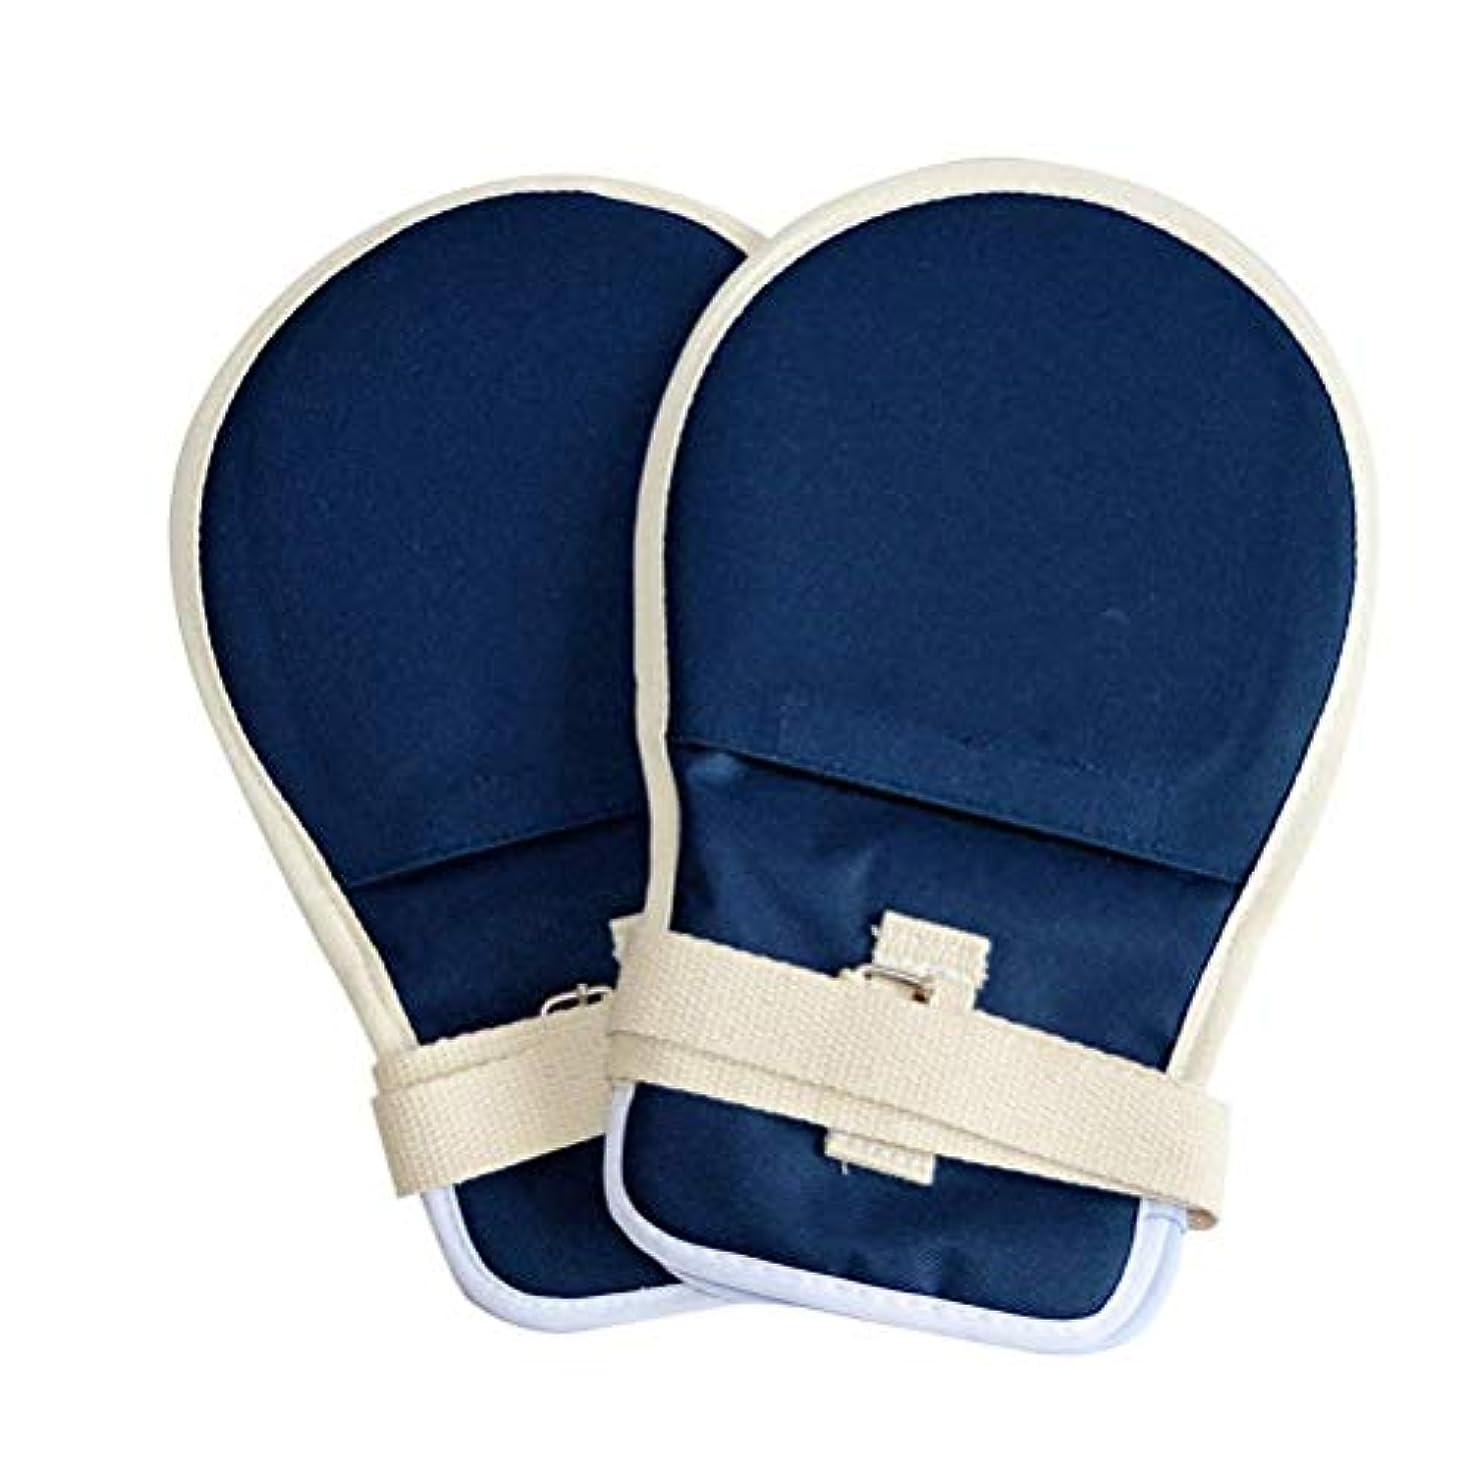 くびれた糞移住するフィンガーコントロールミット-ハンドプロテクター安全装置、医療拘束患者の手感染安全手袋、指の予防固定手袋高齢患者 (2PCS)